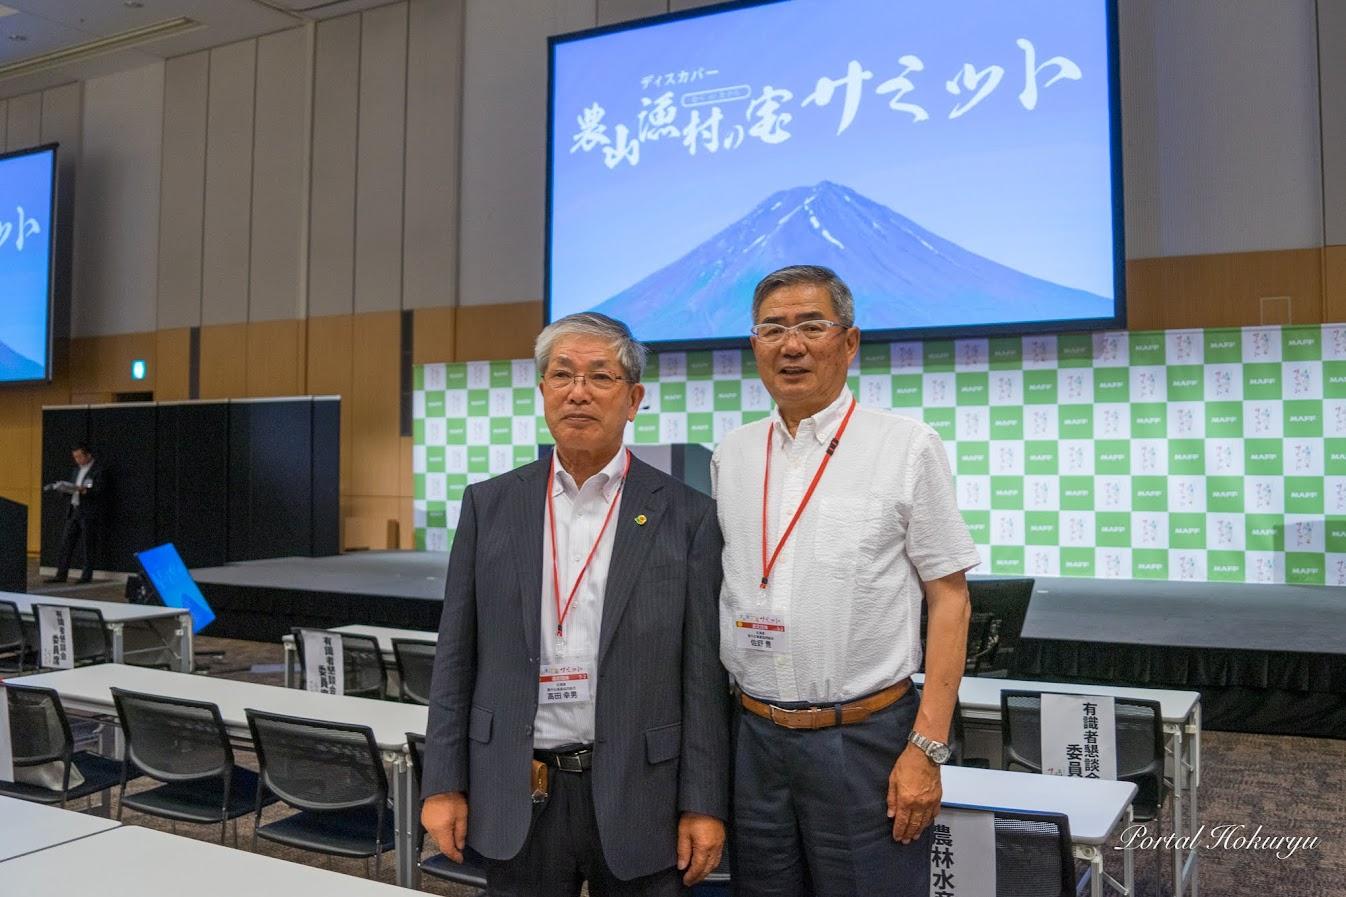 北竜町・佐野豊 町長(右)、黒千石事業協同組合・高田幸男 理事長(左)